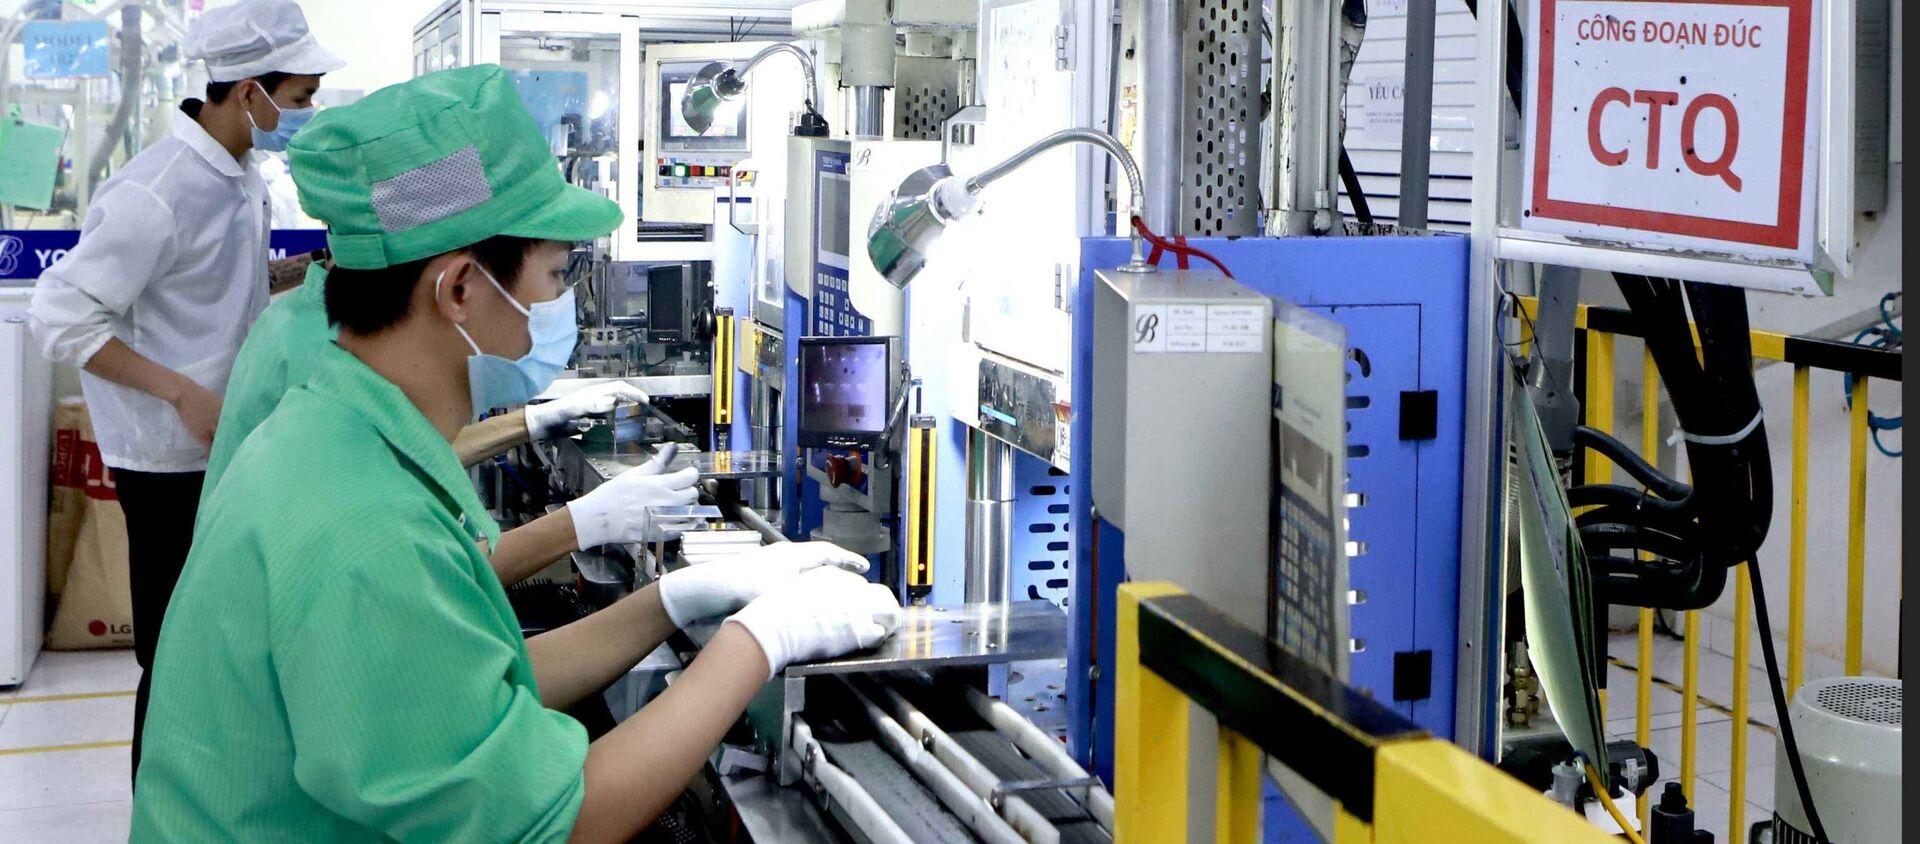 Công ty Youngbag Việt Nam Khu công nghiệp Bình Xuyên, Vĩnh Phúc là doanh nghiệp 100% vốn Hàn Quốc. - Sputnik Việt Nam, 1920, 02.09.2021